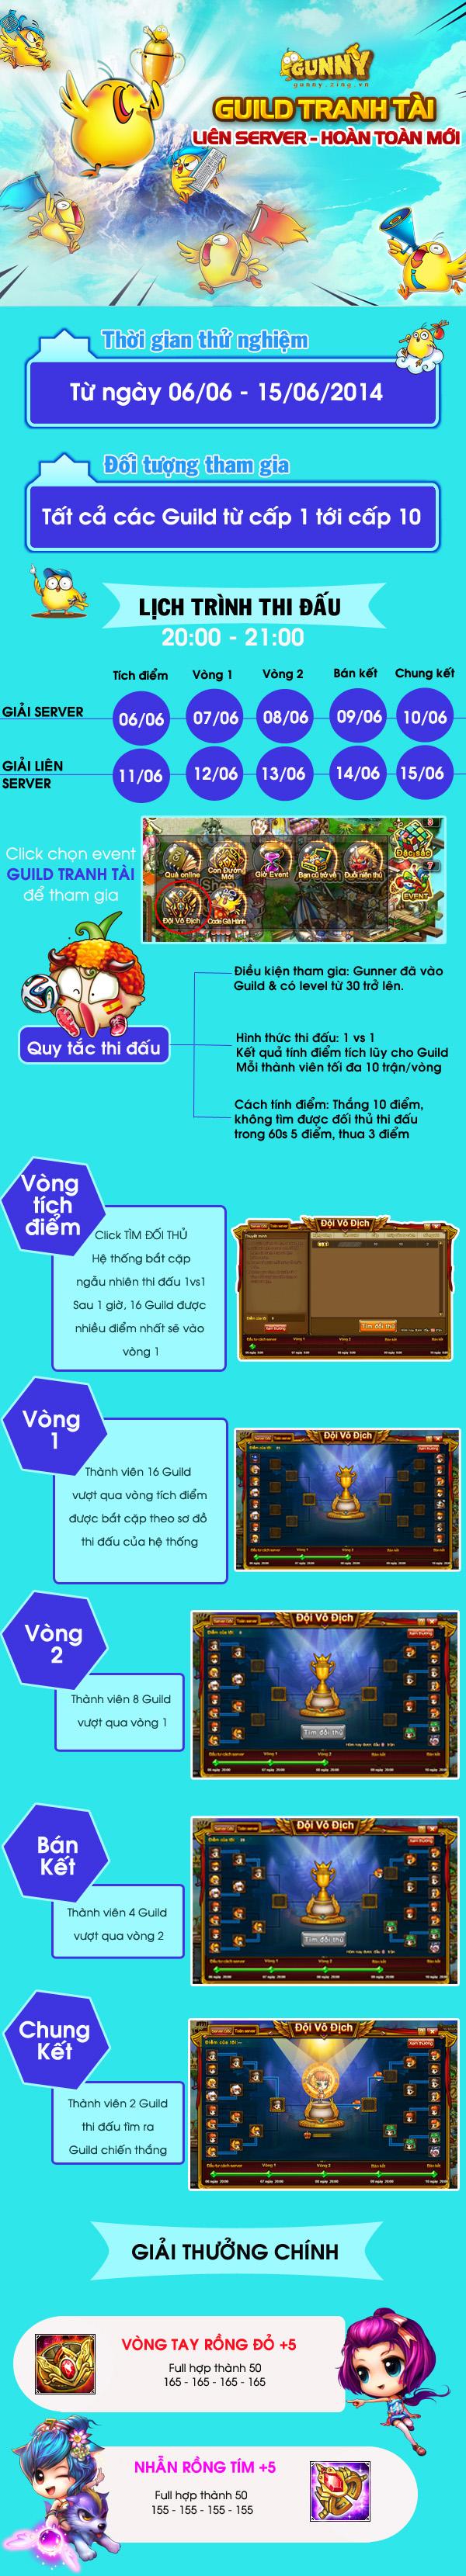 Gunny: Guild tranh tài liên server phiên bản mới - Ảnh 1